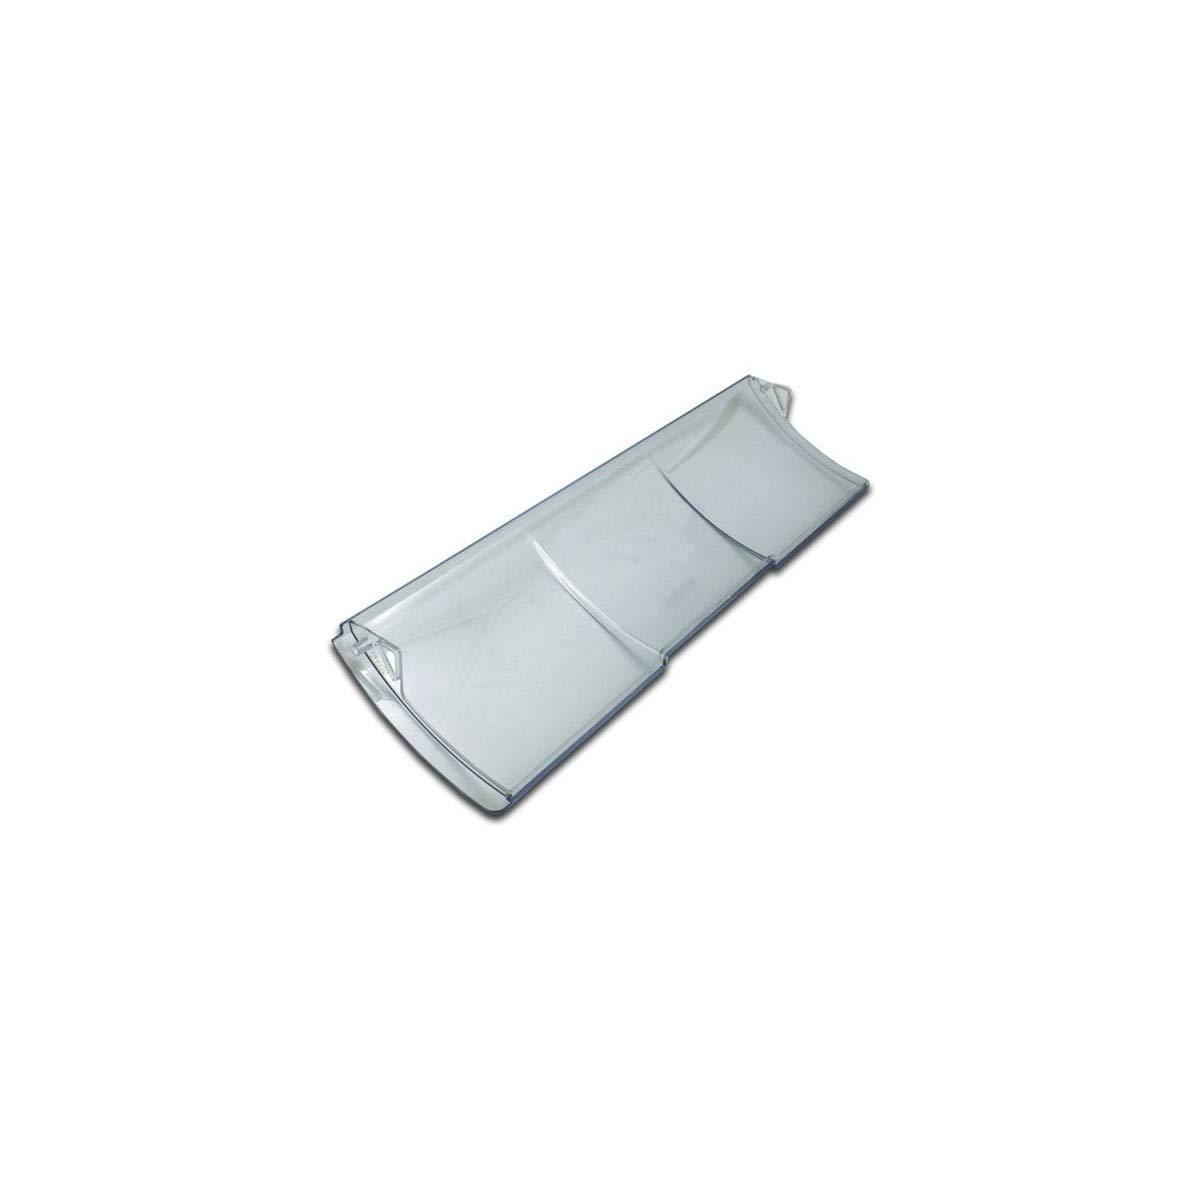 Recamania Tapa basculante frigorifico Saivod CT1830D NFI ...